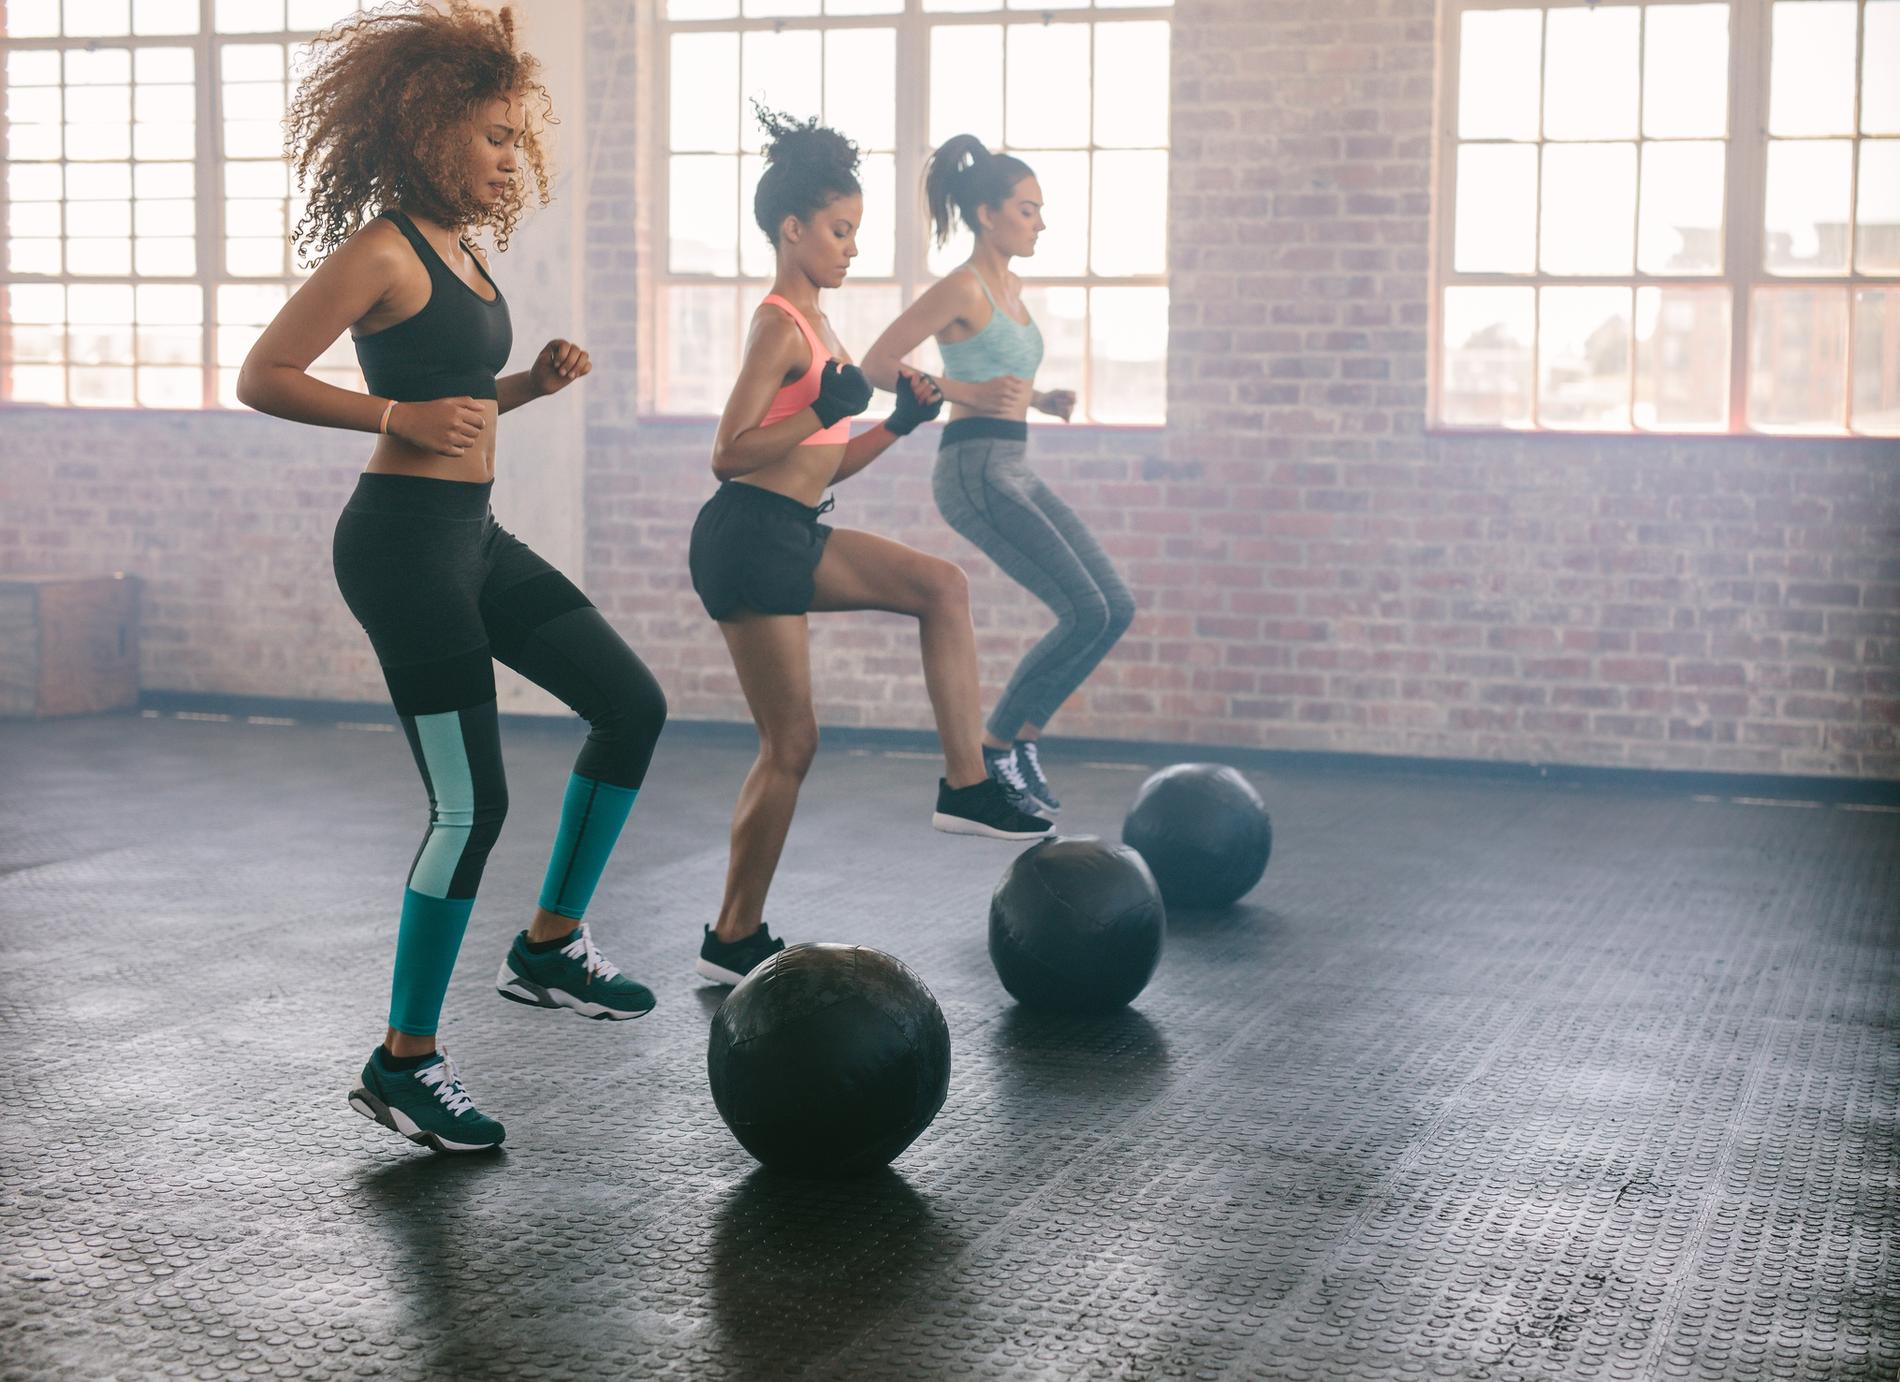 Comment Mincir Et Se Muscler Sans Prendre Trop De Masse Madame